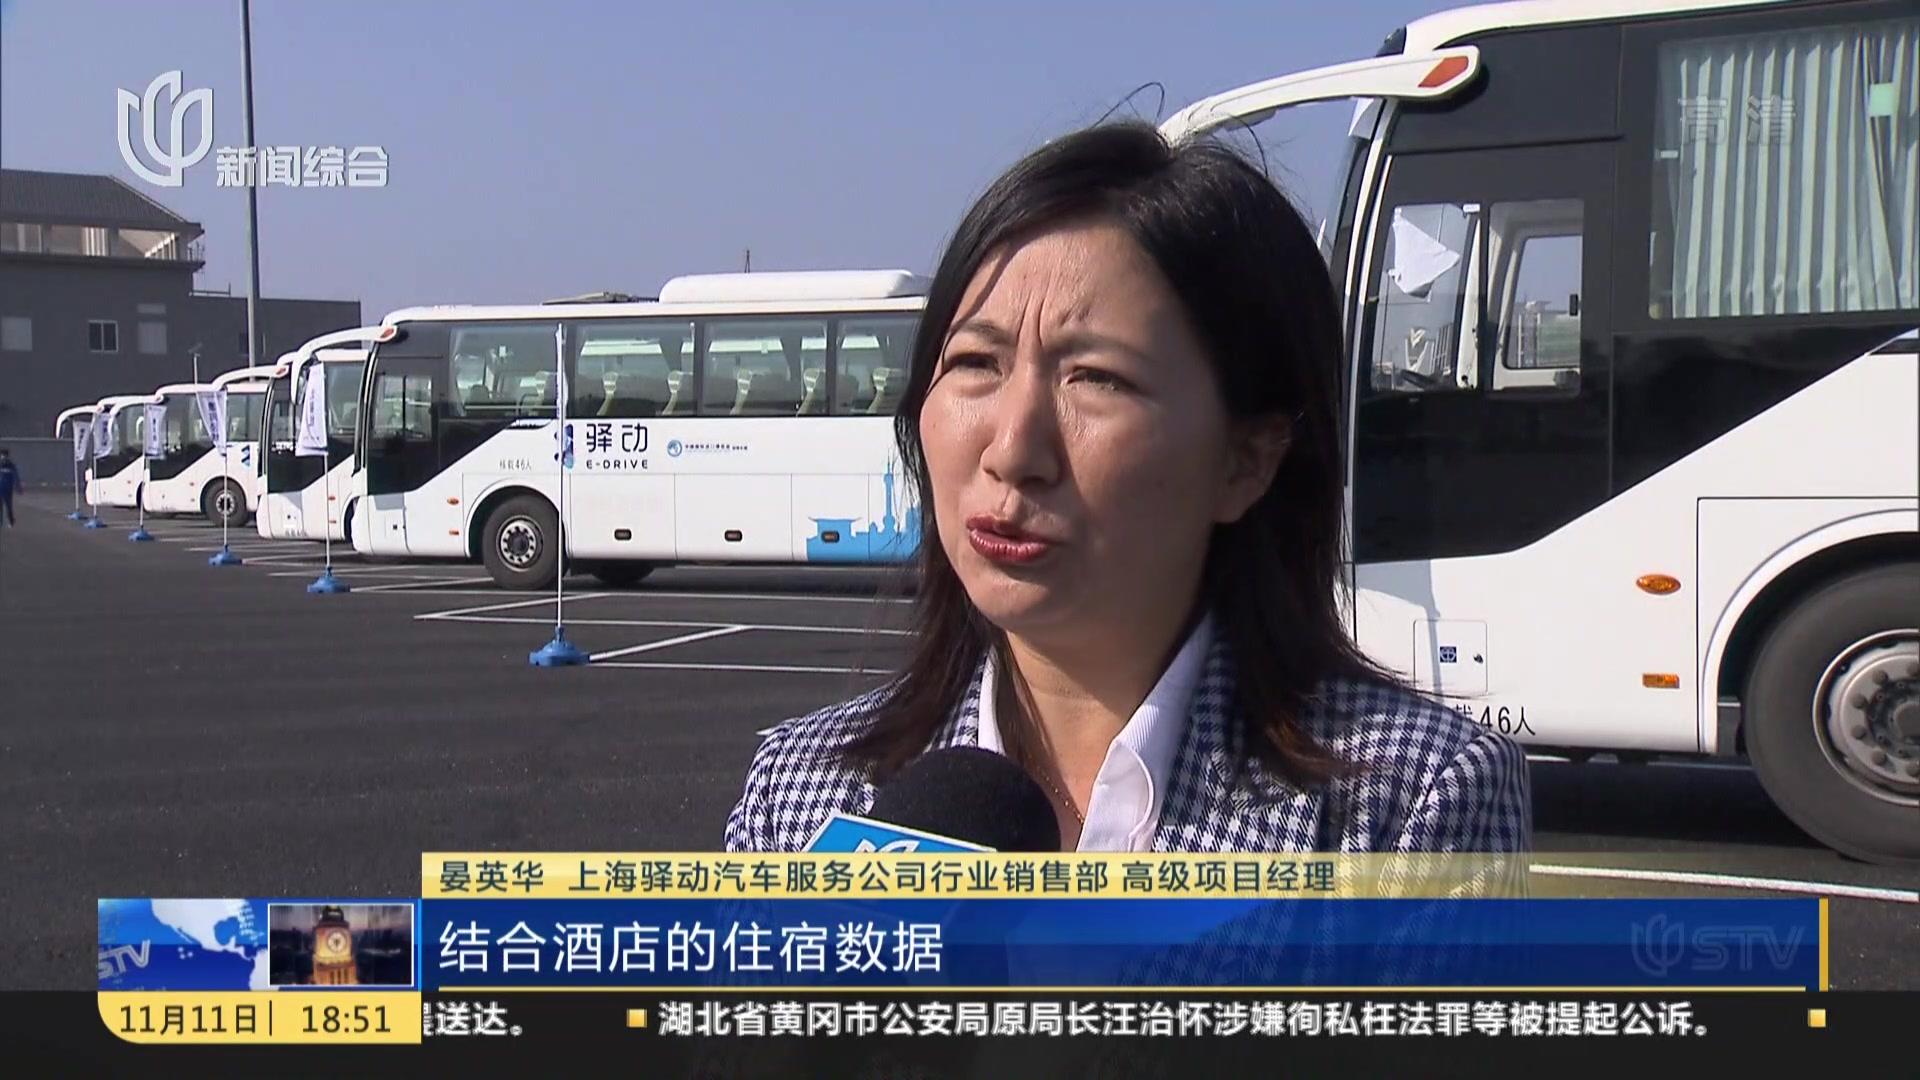 定制巴士方便参展人员  未来或将复制推广